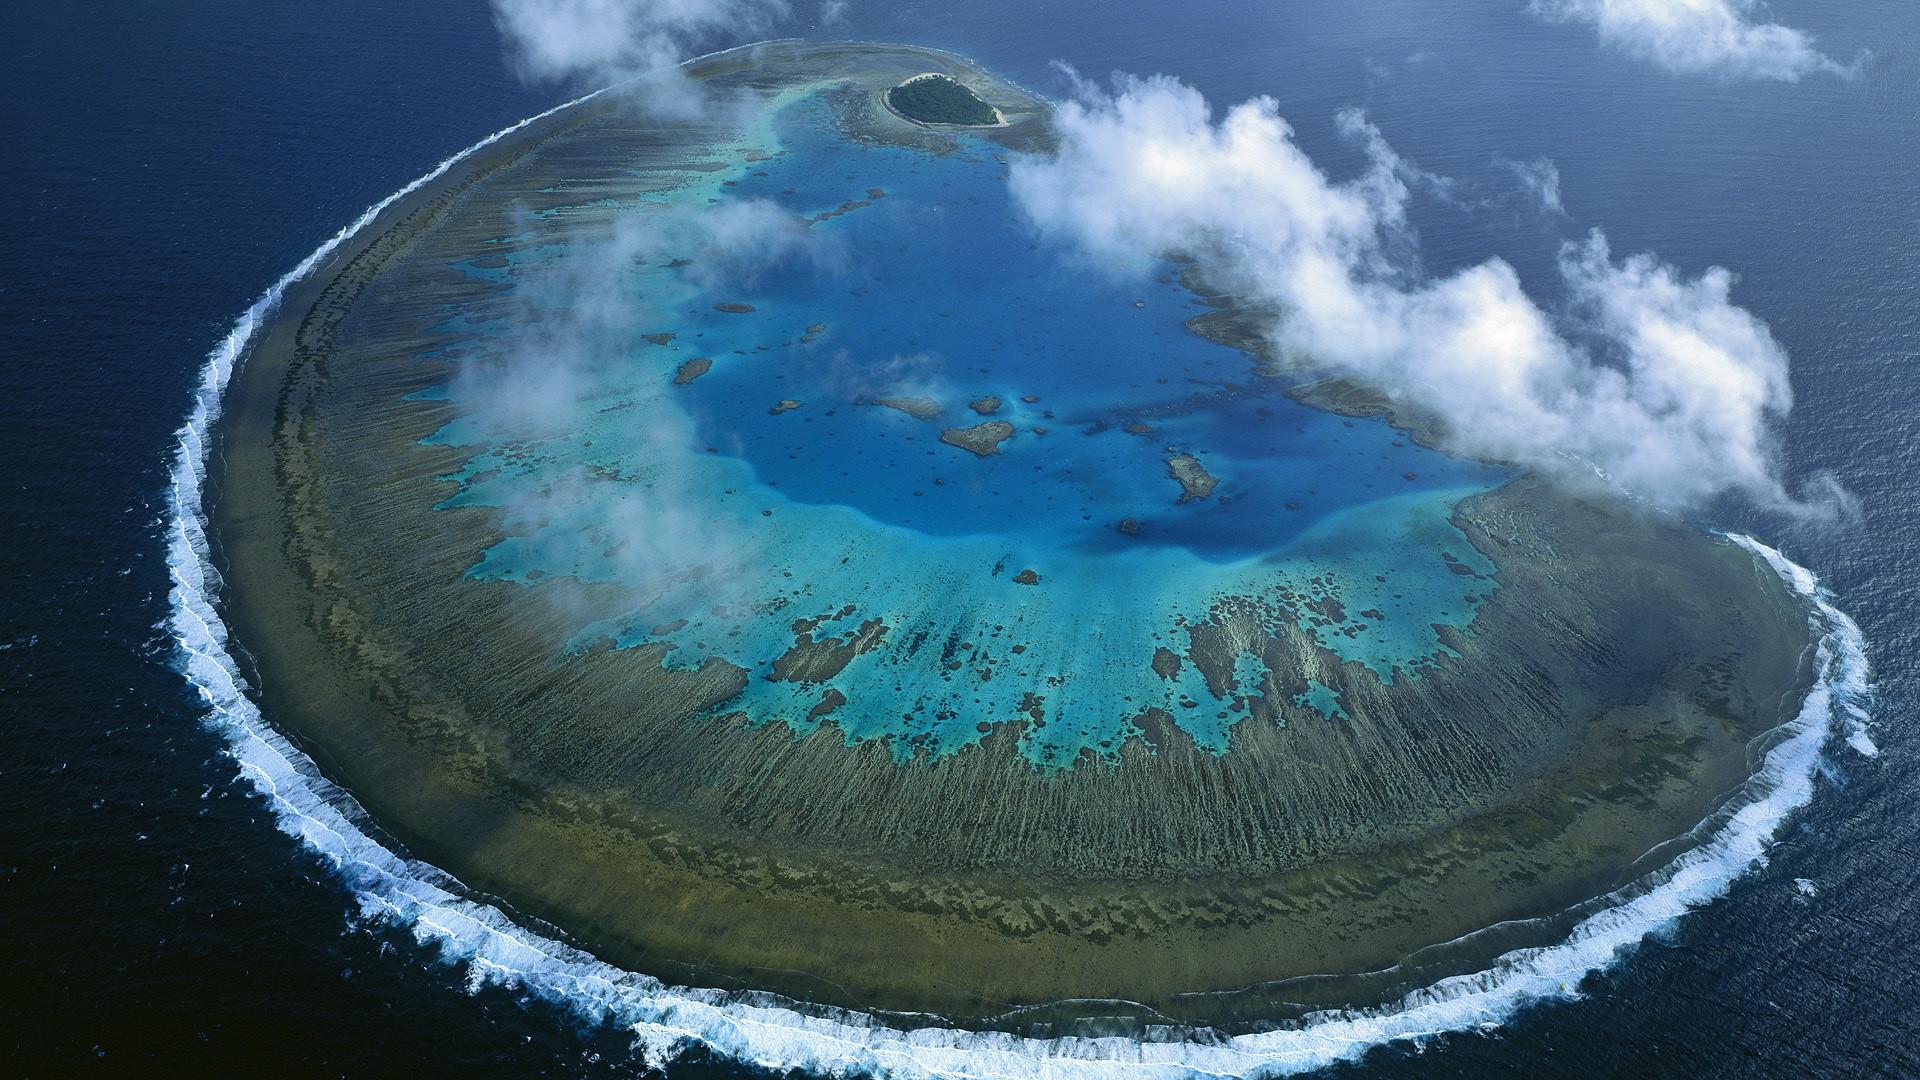 Beautiful nature scenery ocean waves clouds sea wallpaper.